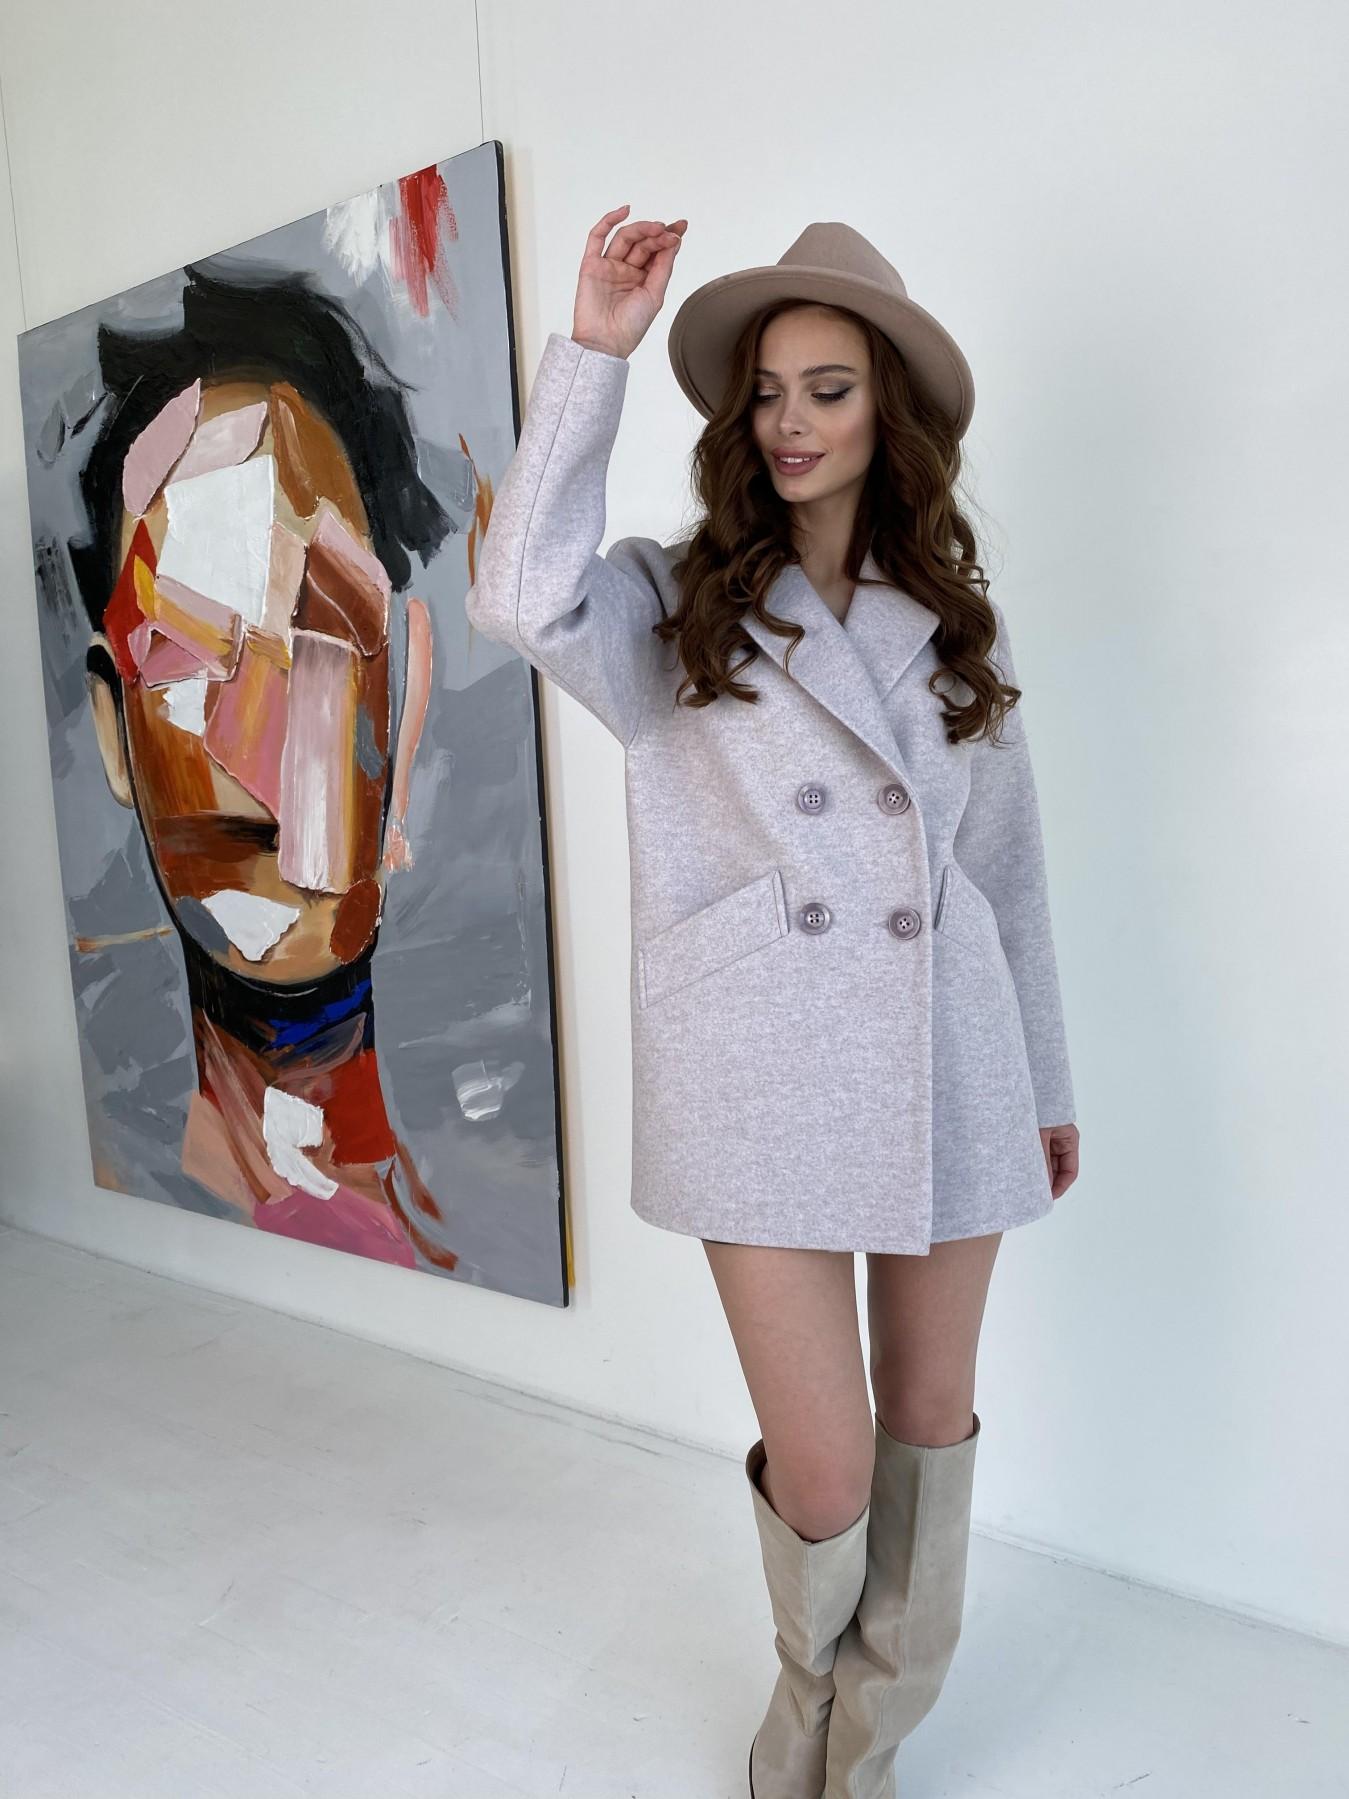 Бонд пальто  кашемировое меланж на трикотаже  10644 АРТ. 47161 Цвет: Бежевый меланж - фото 5, интернет магазин tm-modus.ru